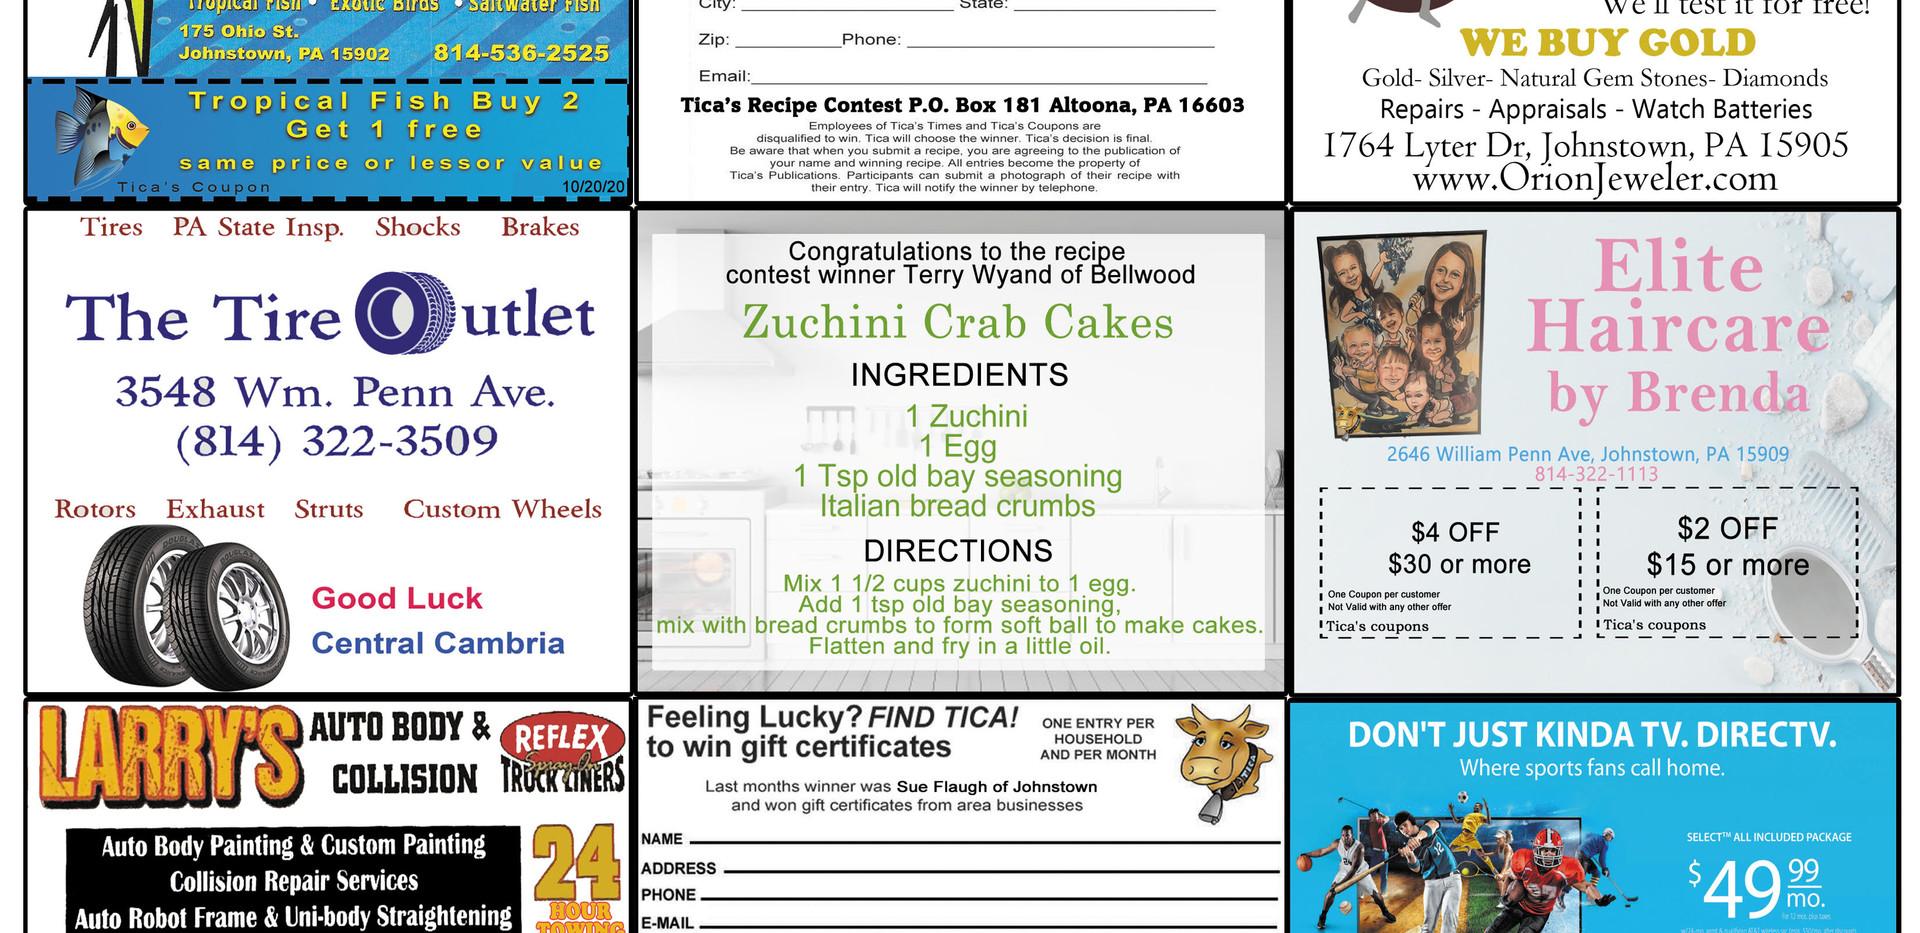 johnstown coupon book pg 2 sept 2020.jpg